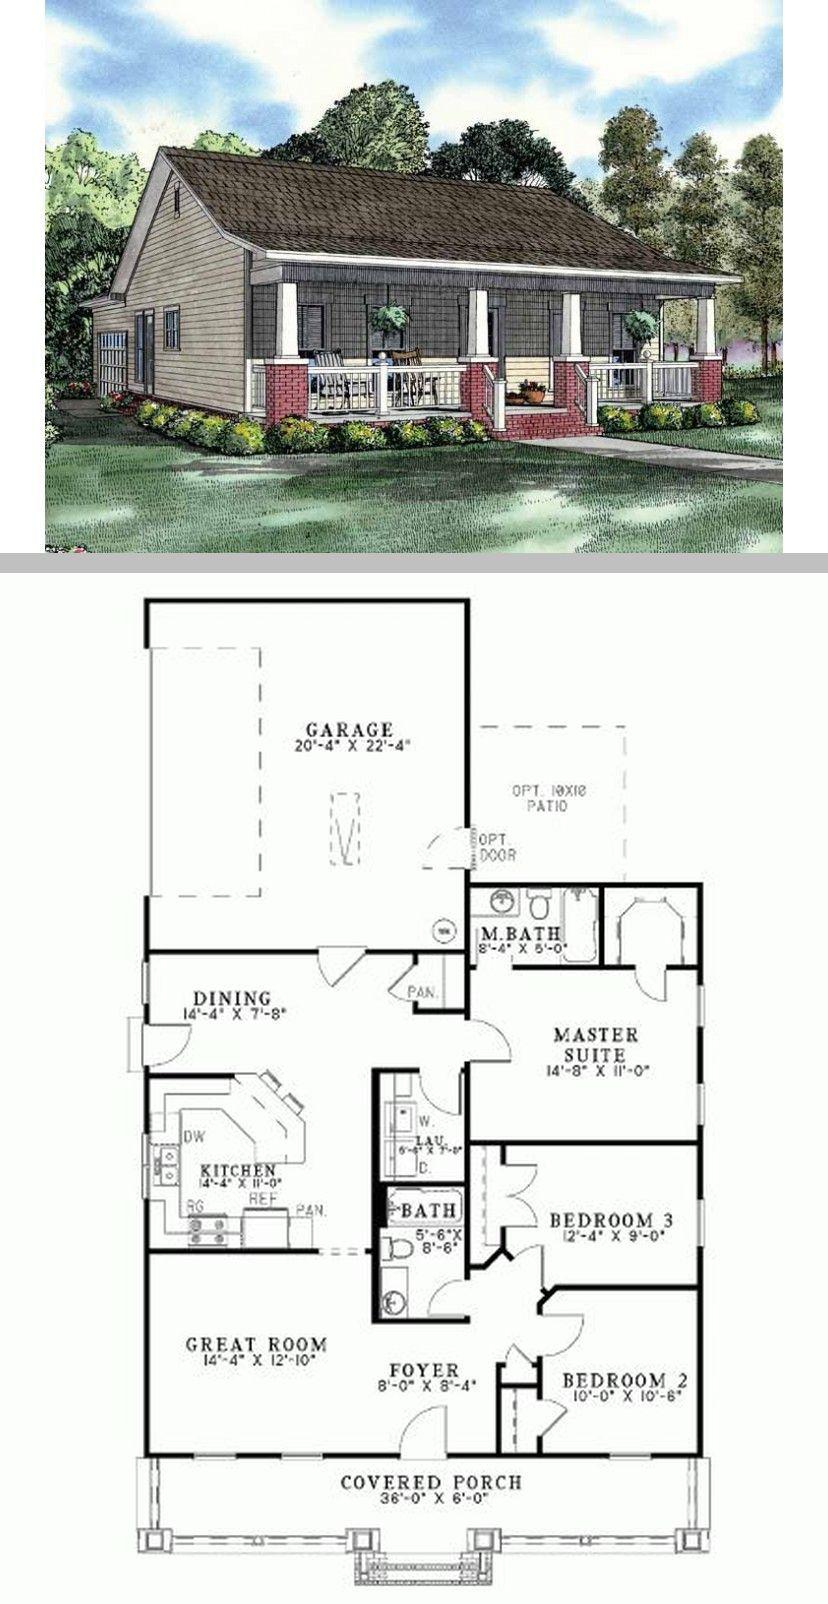 Ample Cottage (Plan HWBDO56207) ~ 1248sf, crawlspace or slab ... on slab house plumbing, modern desert house plans, slab design, slab house construction, simple hip roof house plans, complete house plans, slab house plans blueprints, slab house catering, 4-bedroom ranch house plans, simple 5 bedroom house plans, slab on grade house plans, slab house foundation plan, open floor plans, small slab house plans, slab house landscaping, craftsman style homes floor plans, slab home, small one story house plans, slab ranch house plans, slab house plans with front porch,